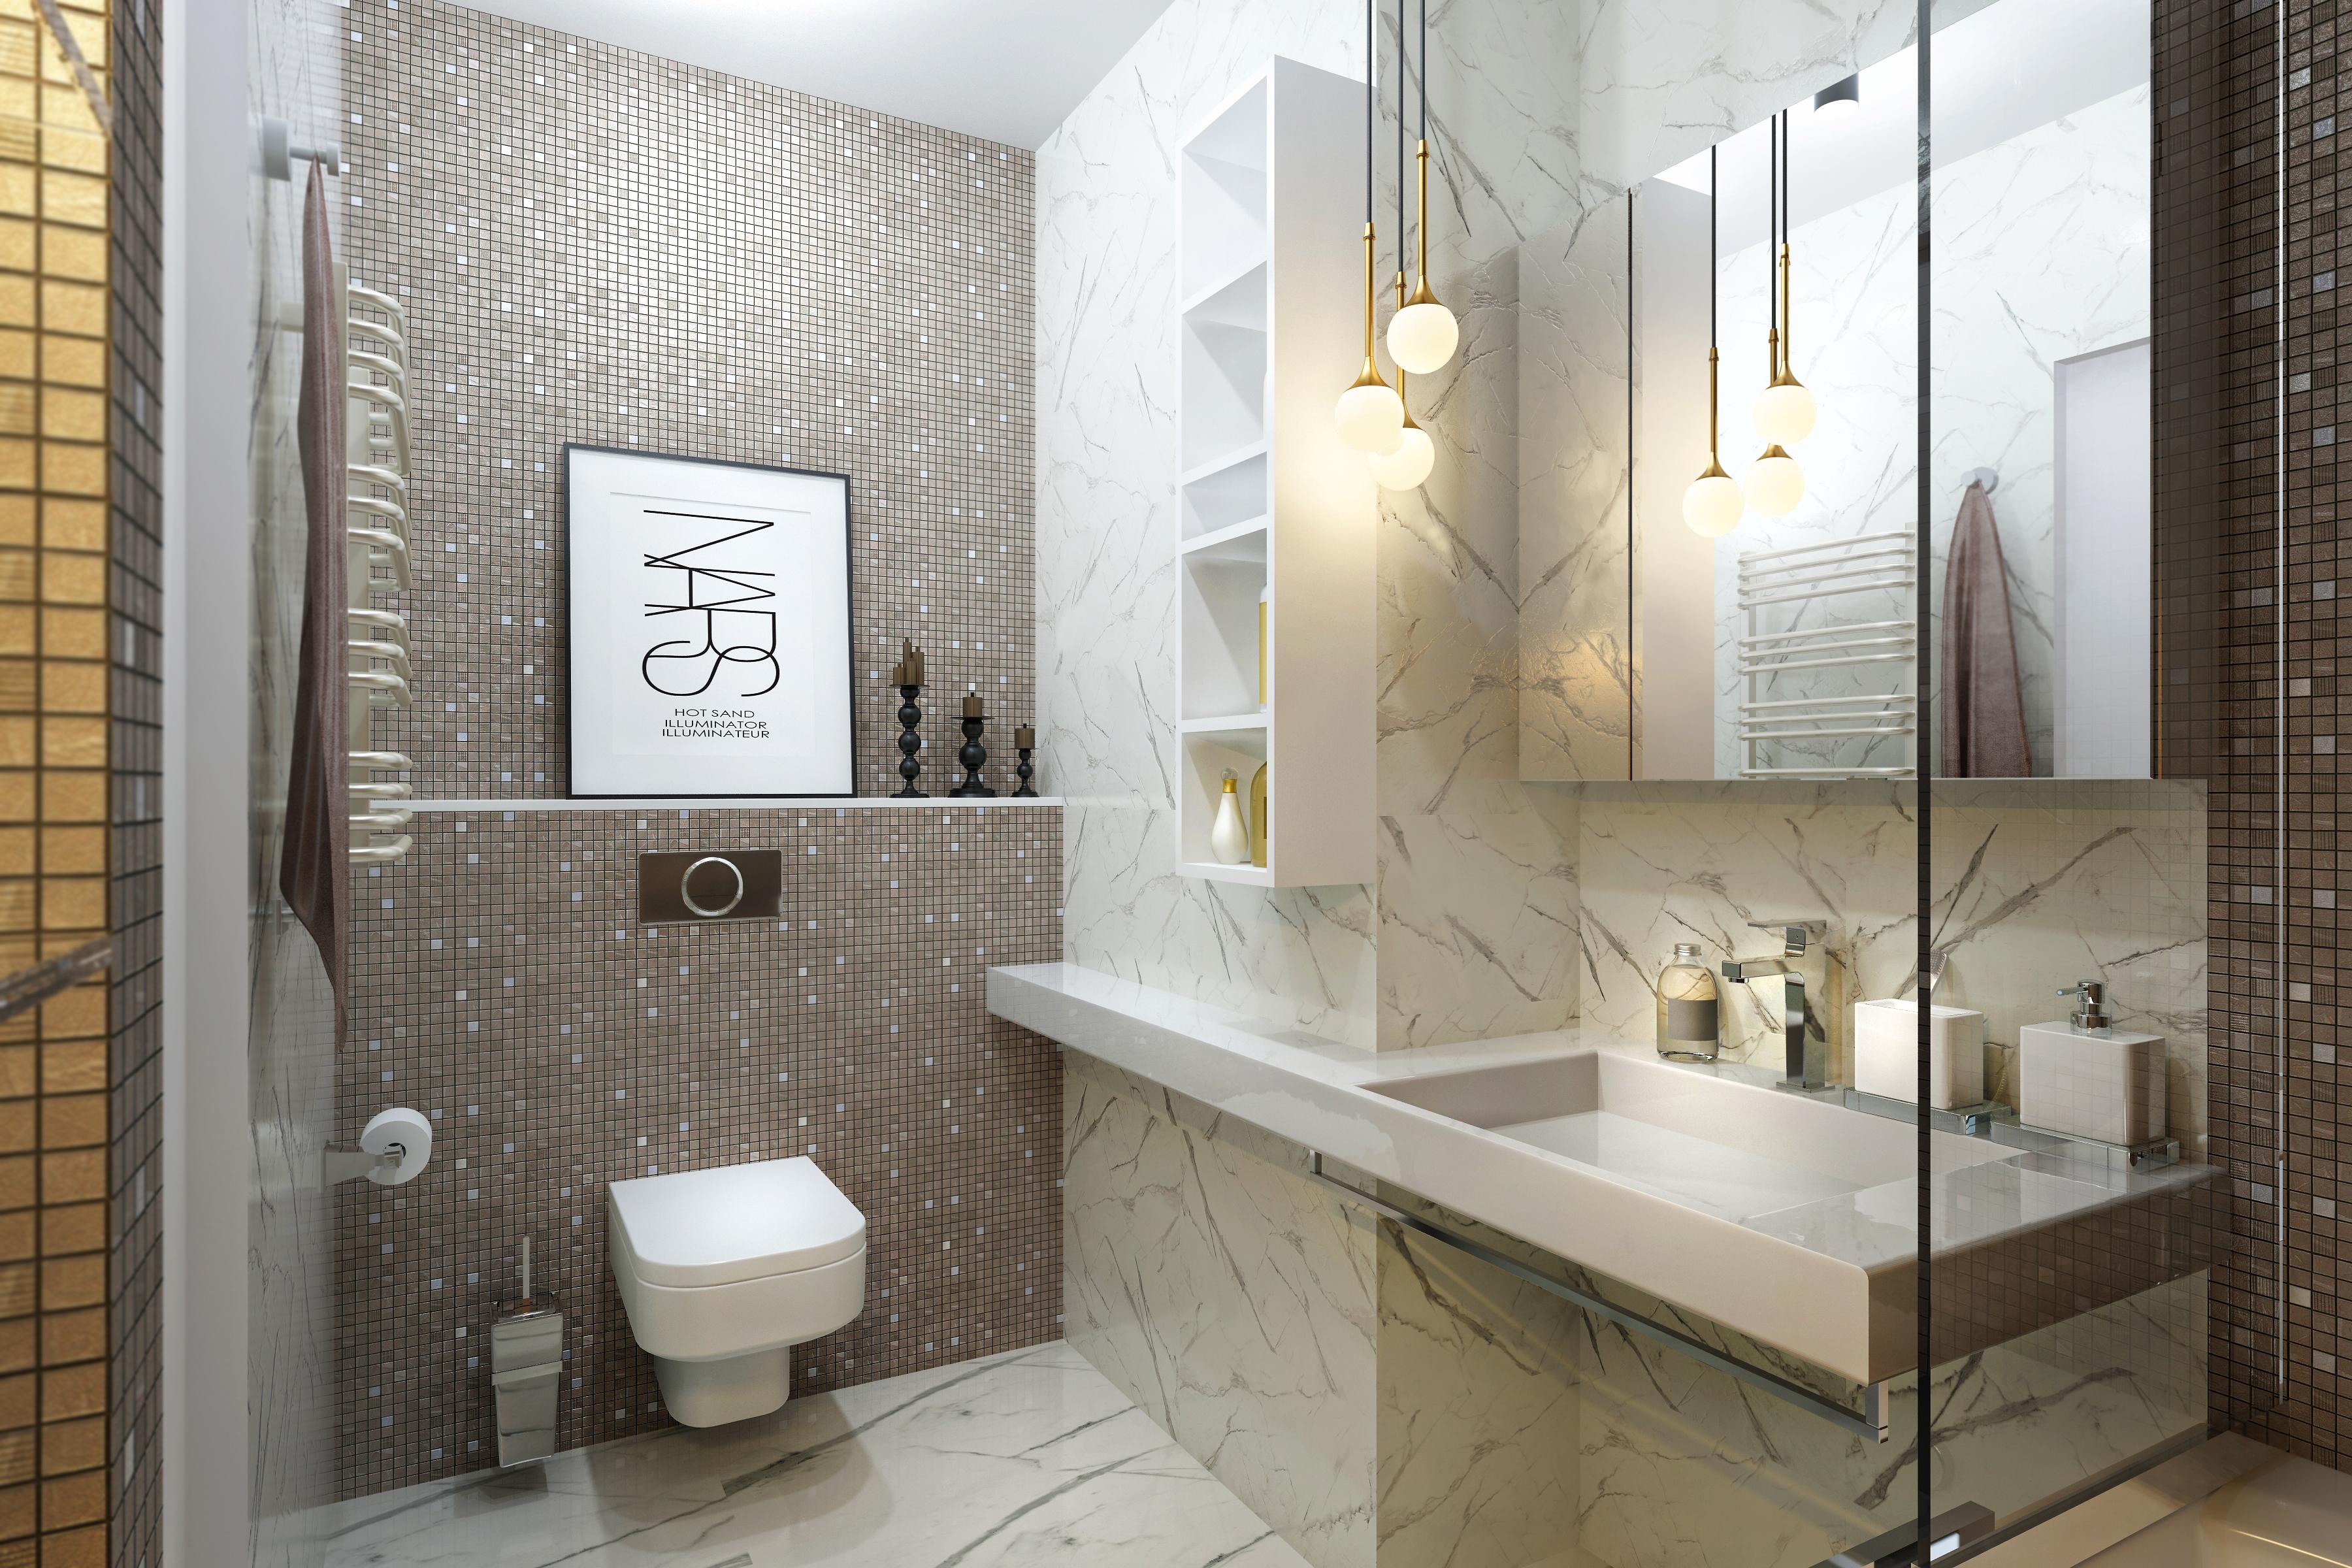 Лайфхаки для дизайна интерьера ванной комнаты